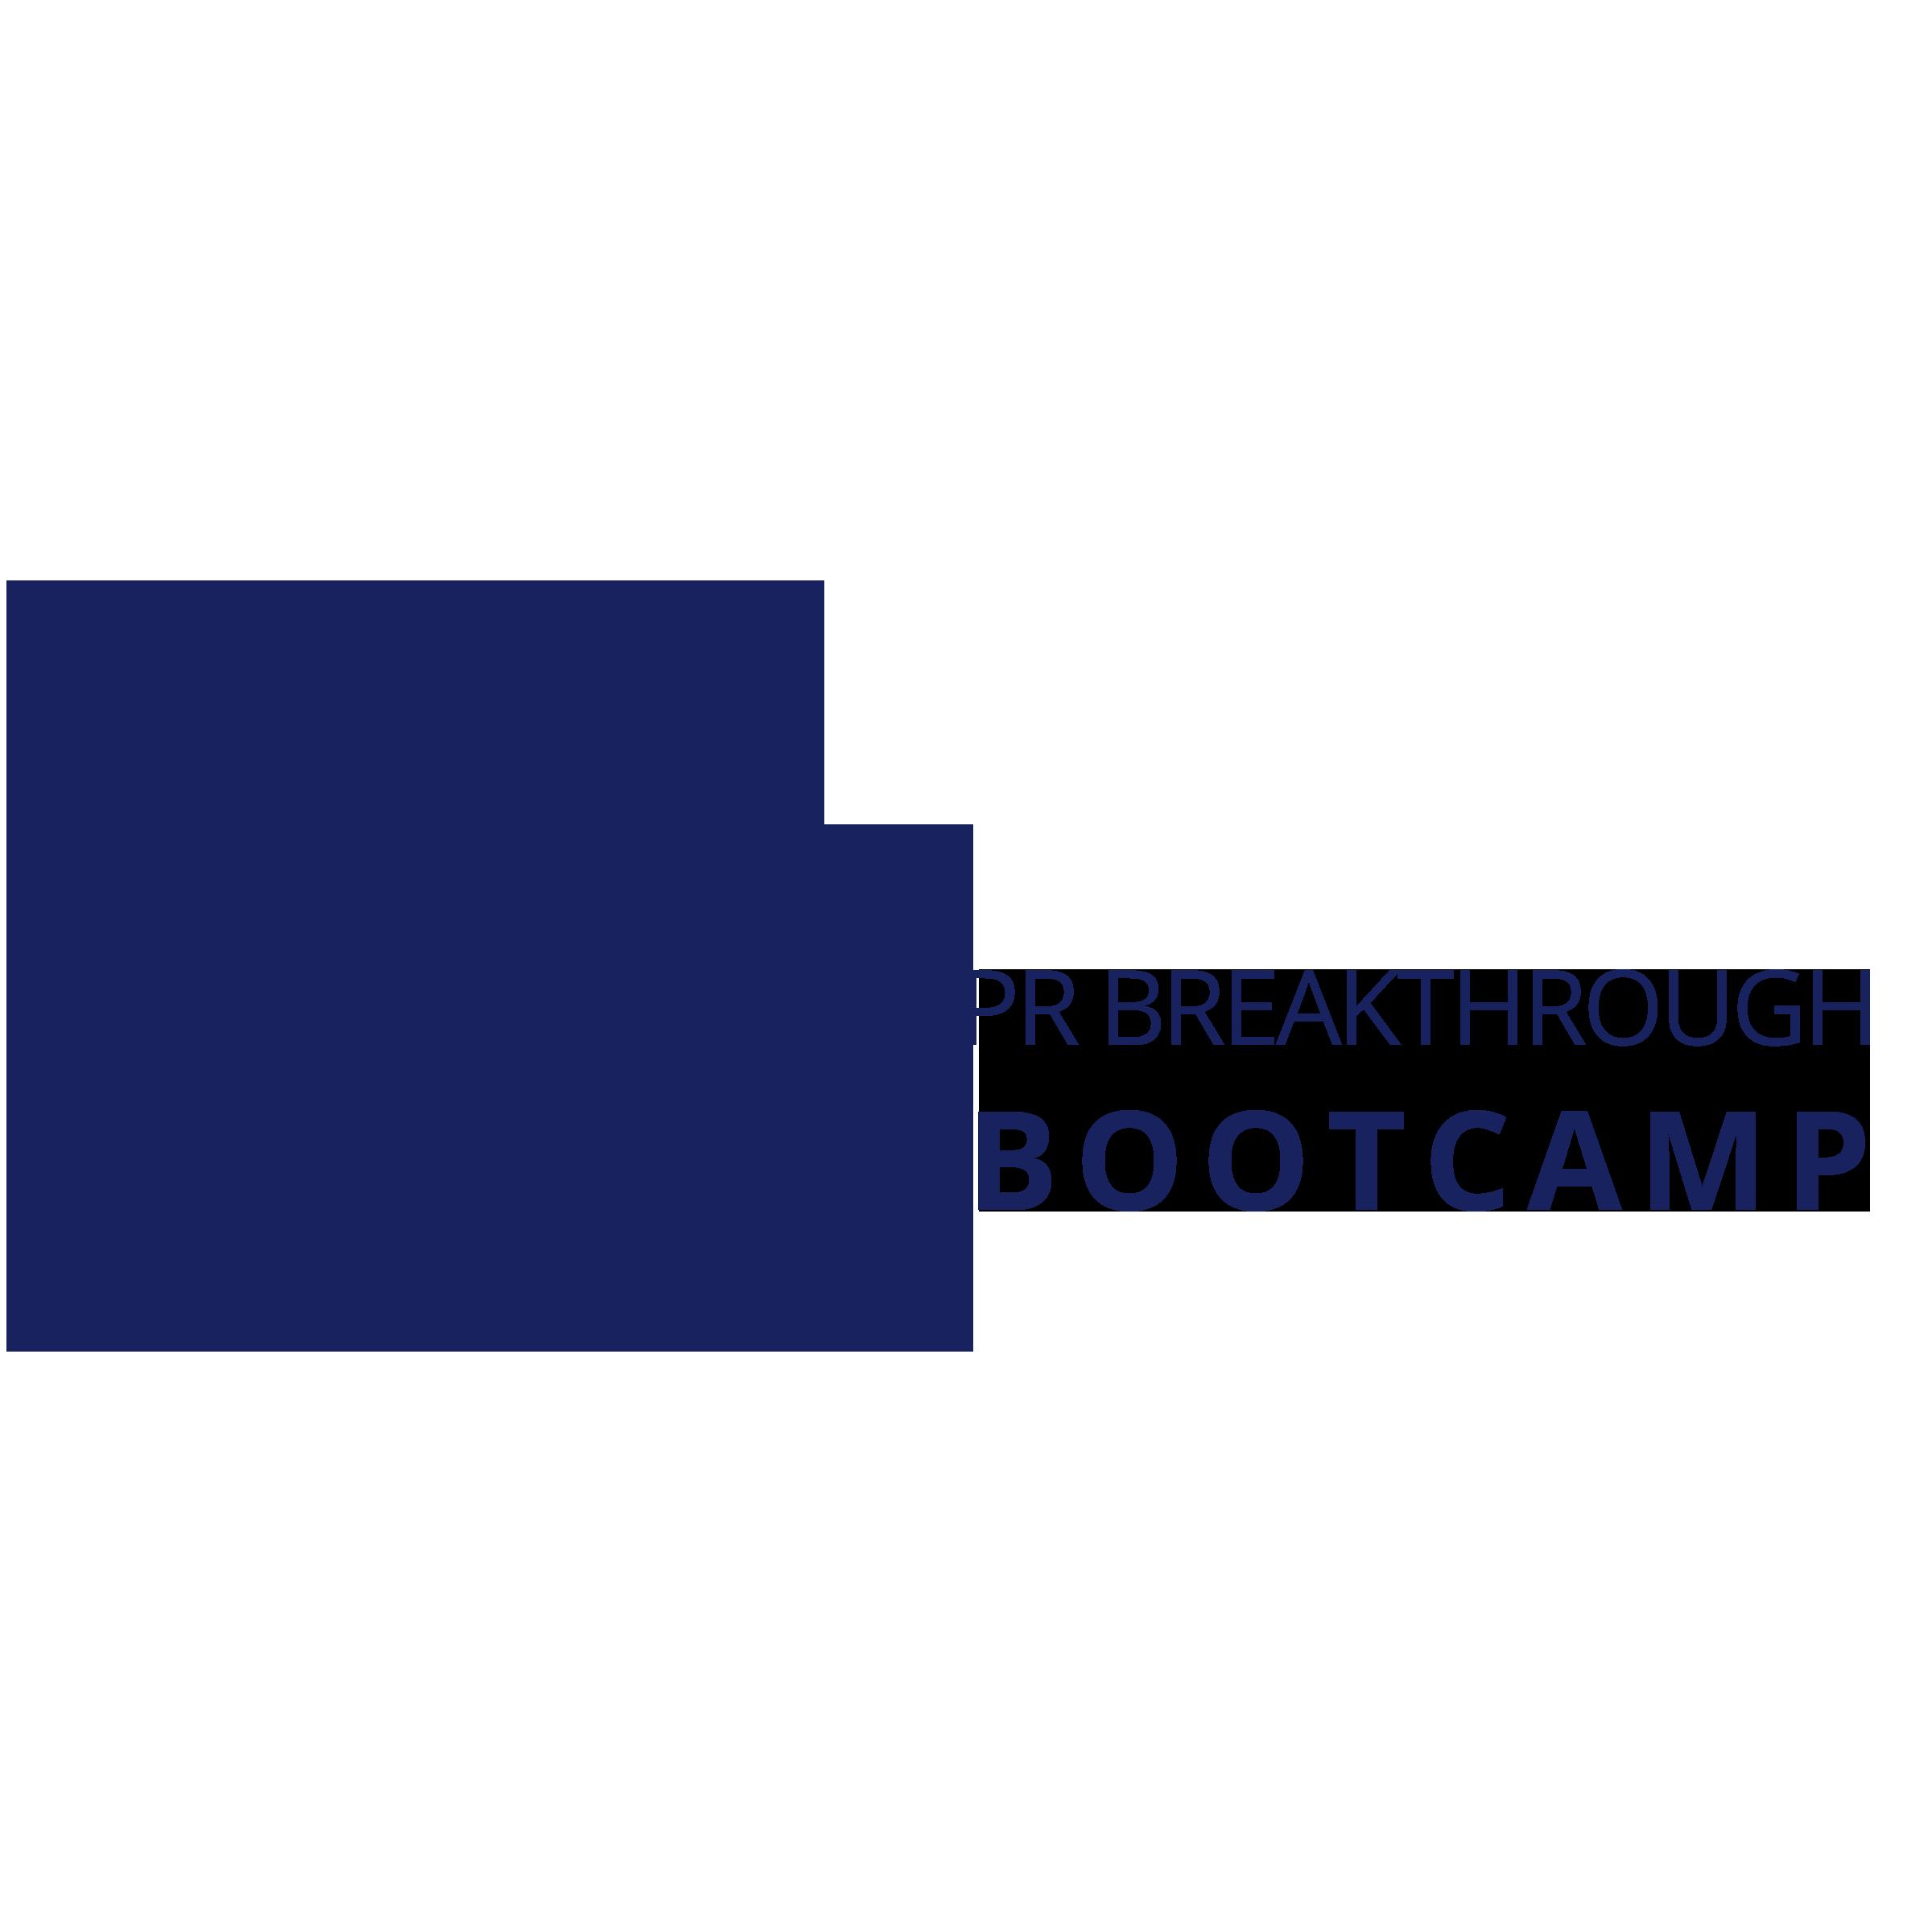 AM PR Breakthrough Bootcamp Logo